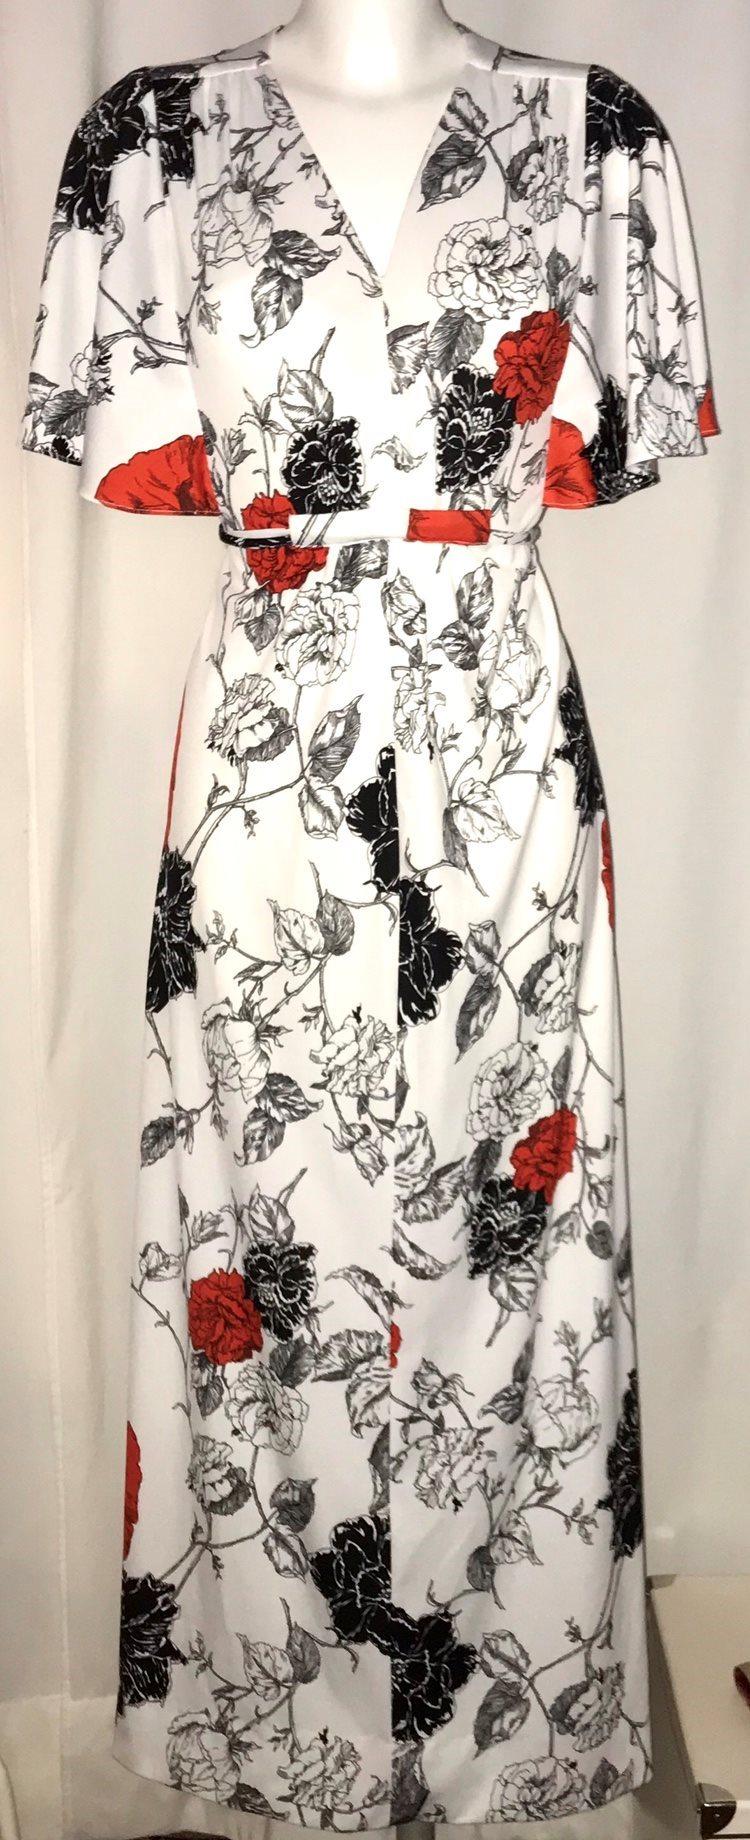 Vintageklänning 70-tal perfekt skick (335575403) ᐈ Köp på Tradera f9d5736ab7c51